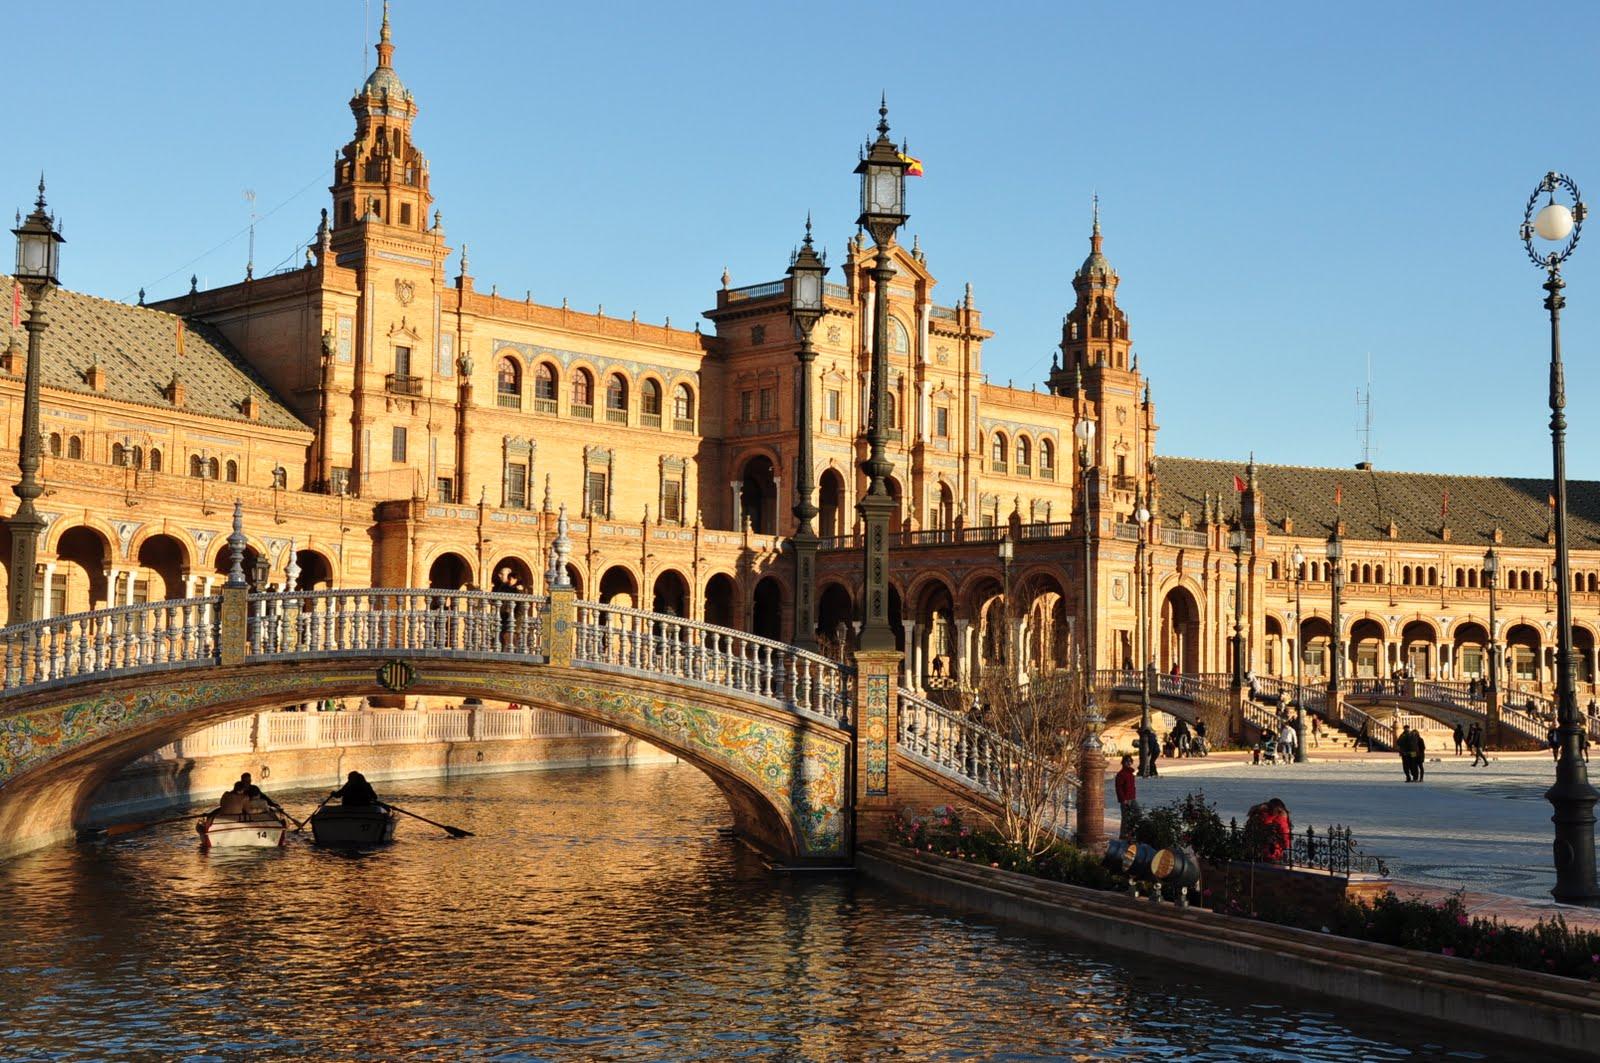 Cosa vedere a Siviglia: Piazza di Spagna